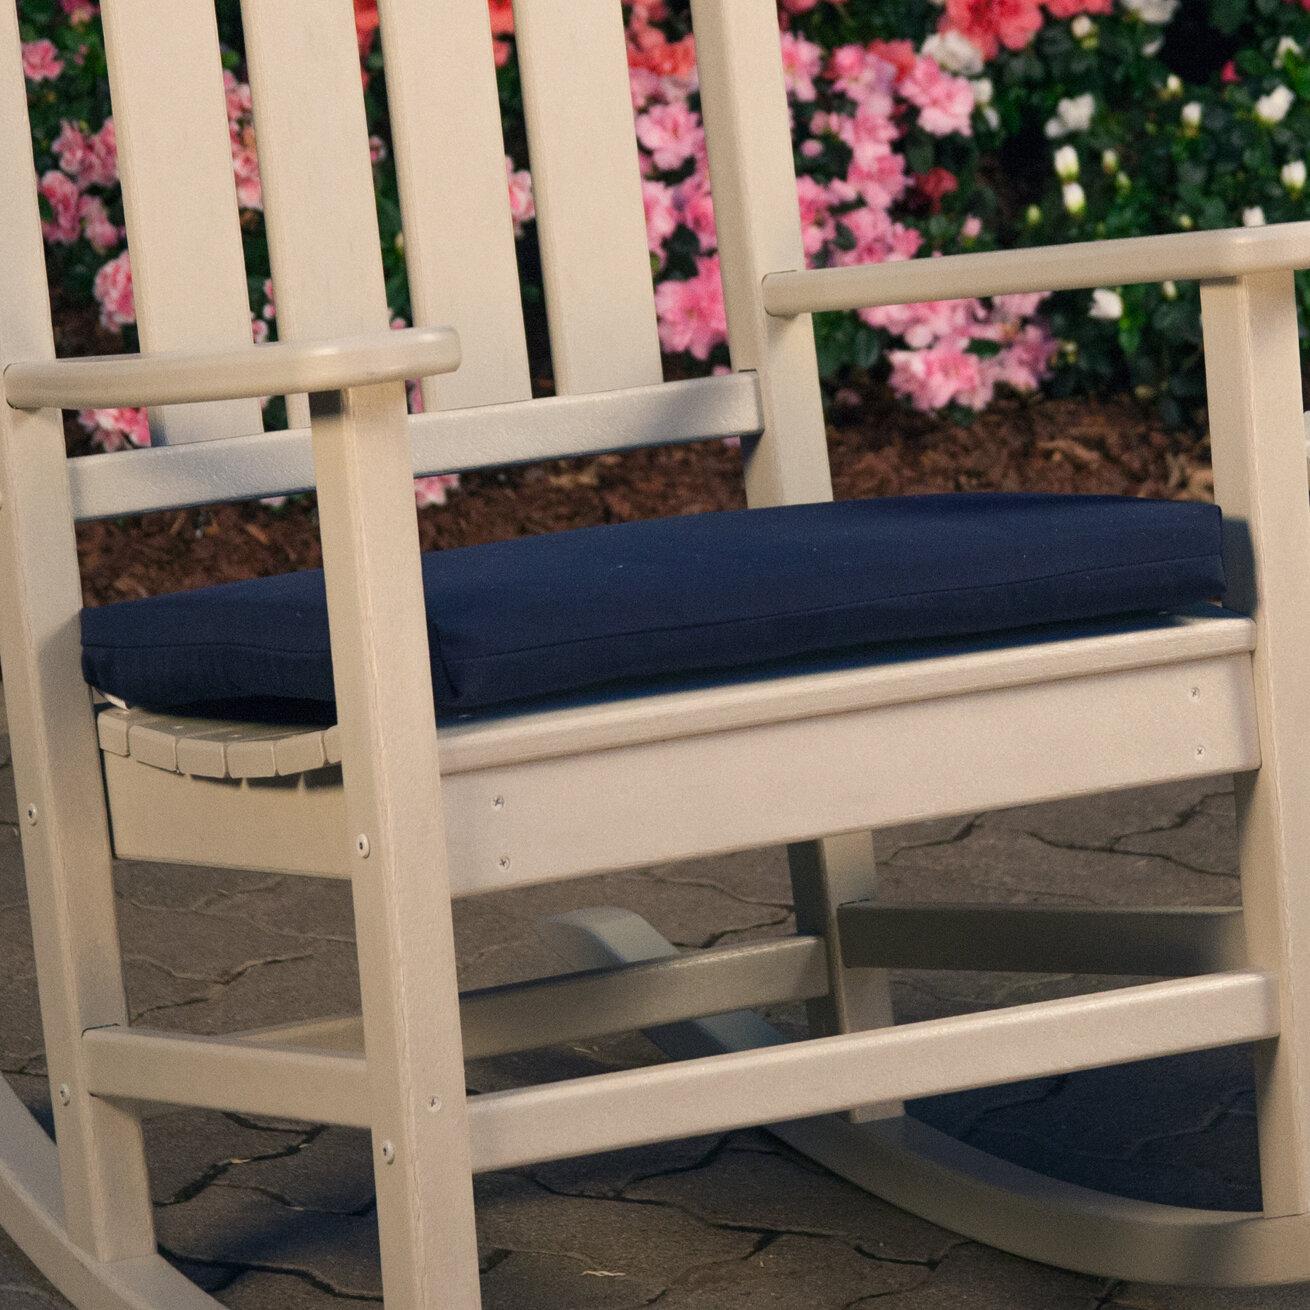 Ateeva Indoor/Outdoor Sunbrella Seat Cushion U0026 Reviews | Wayfair